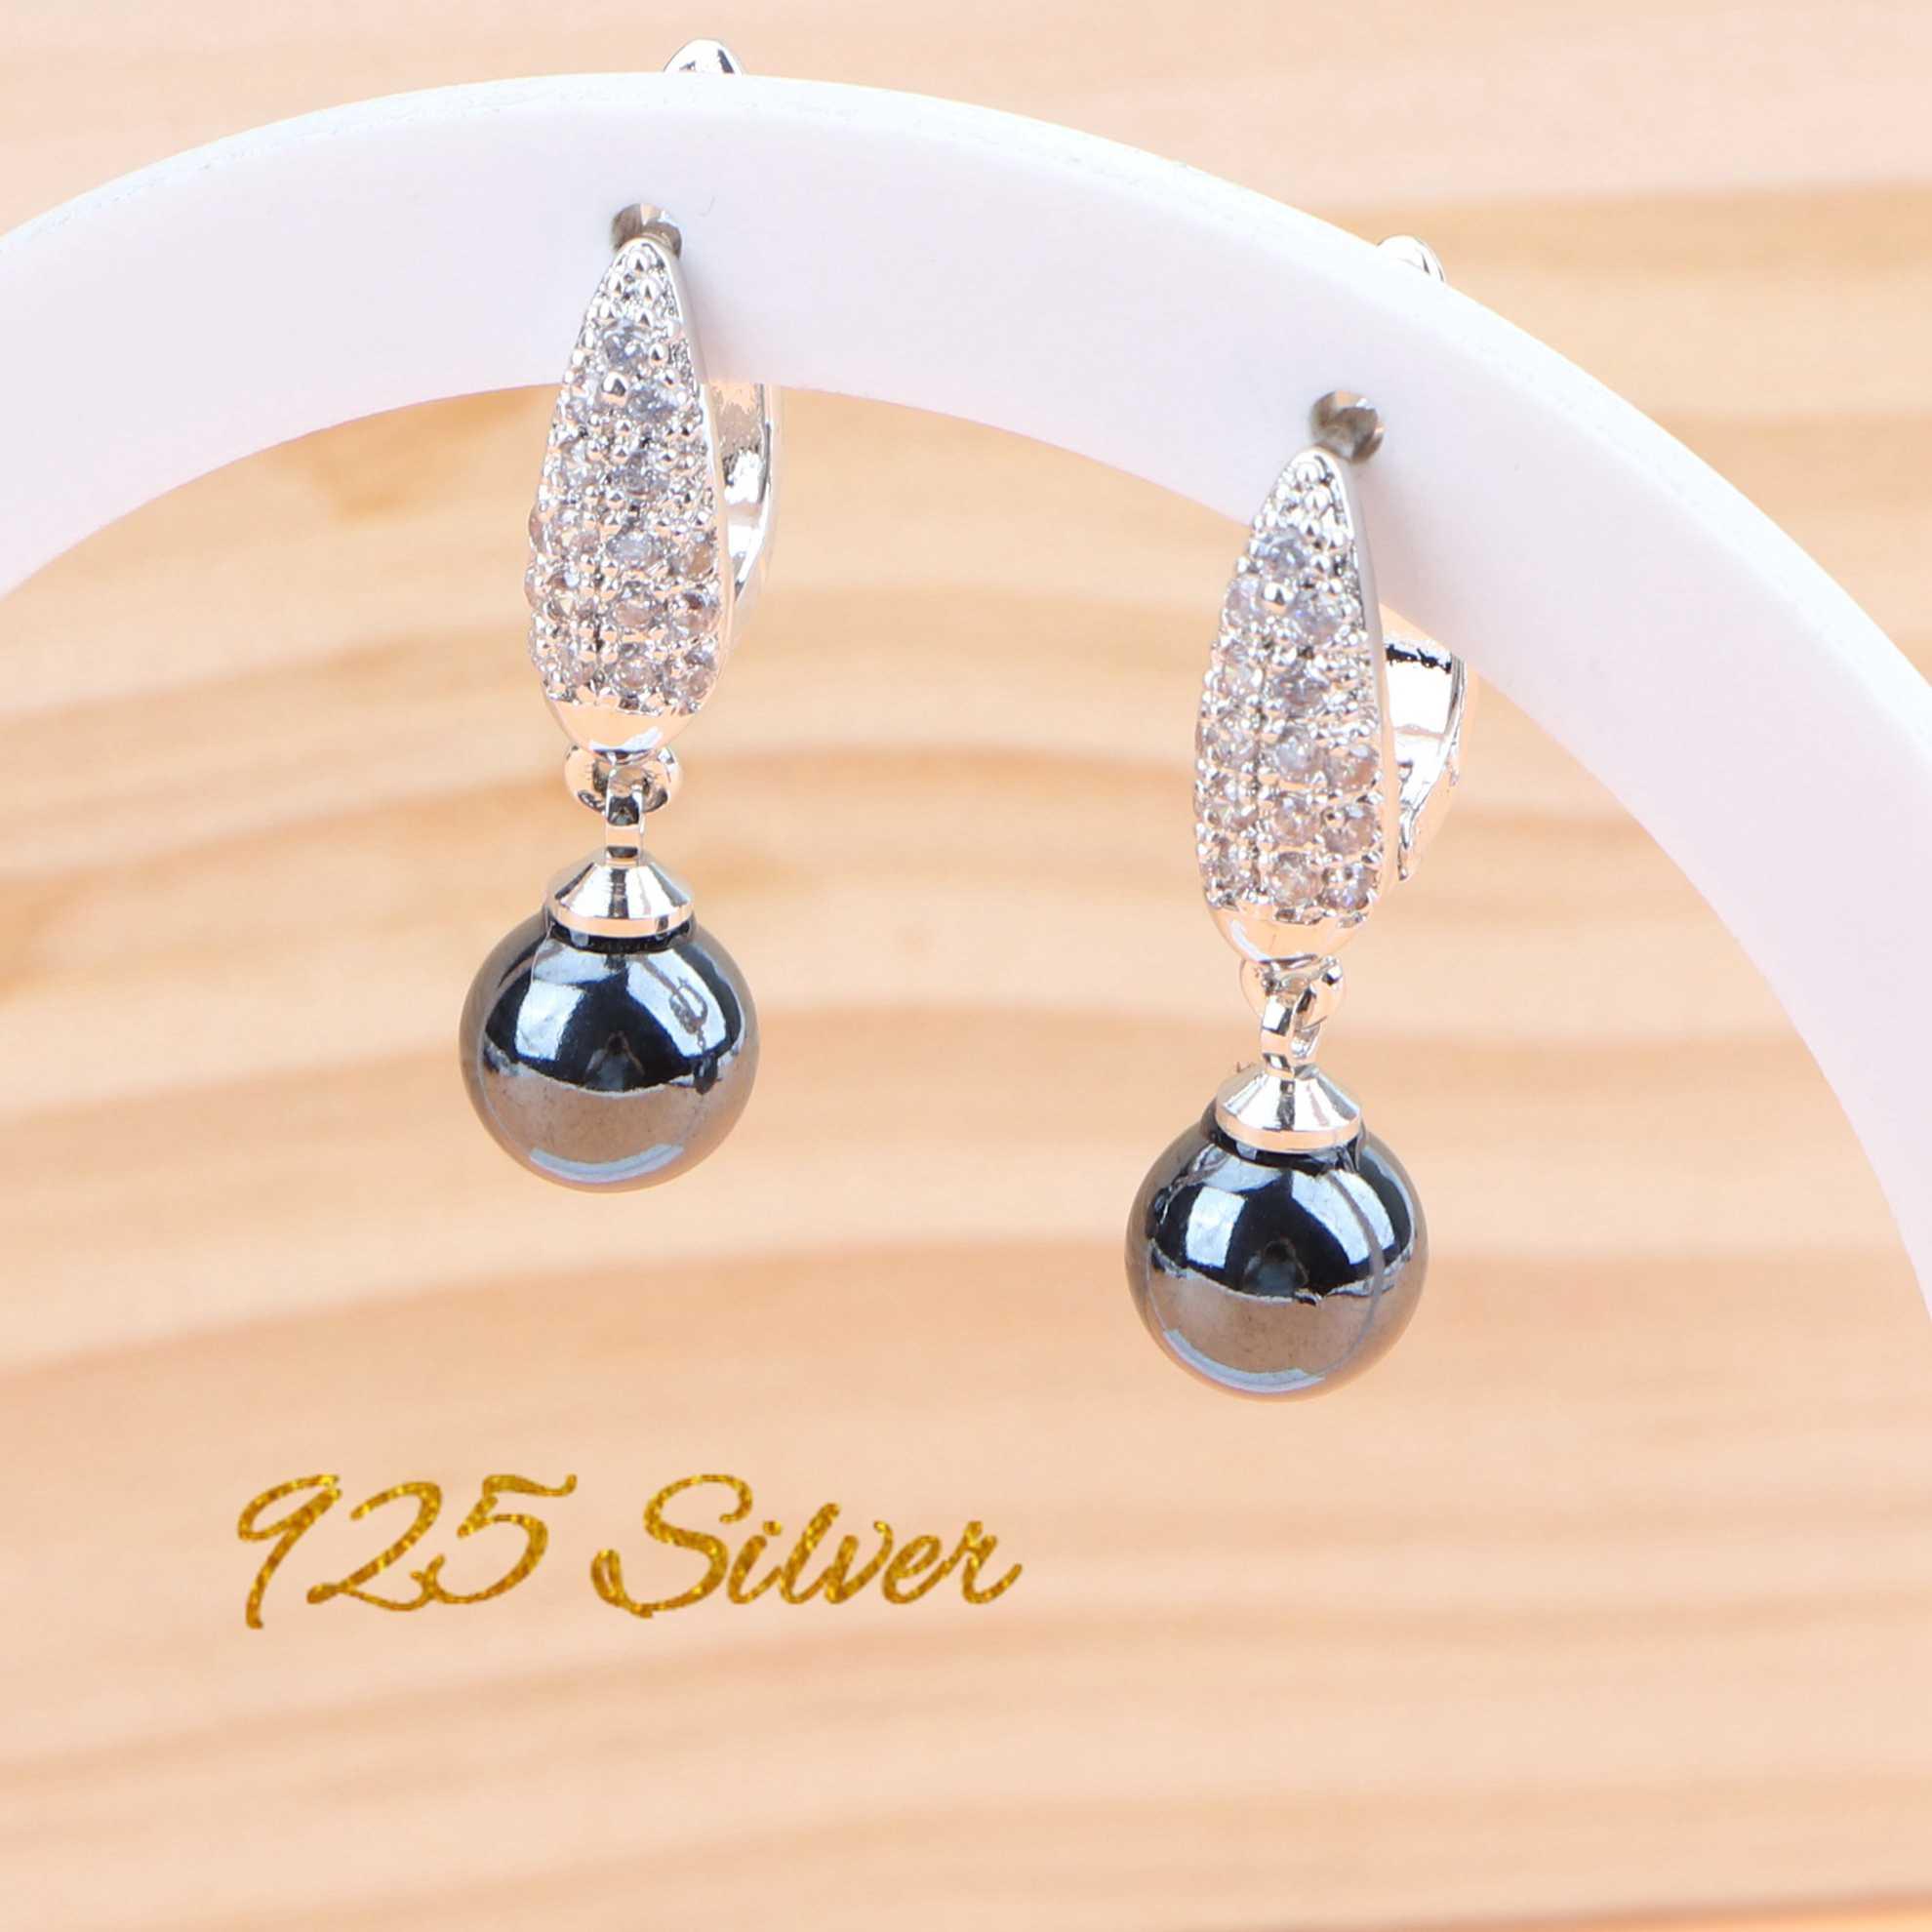 สีดำไข่มุกเจ้าสาวเครื่องประดับชุดผู้หญิงเงิน 925 เครื่องประดับ Zircon ต่างหูสร้อยข้อมือแหวนจี้สร้อยคอชุดของขวัญกล่อง